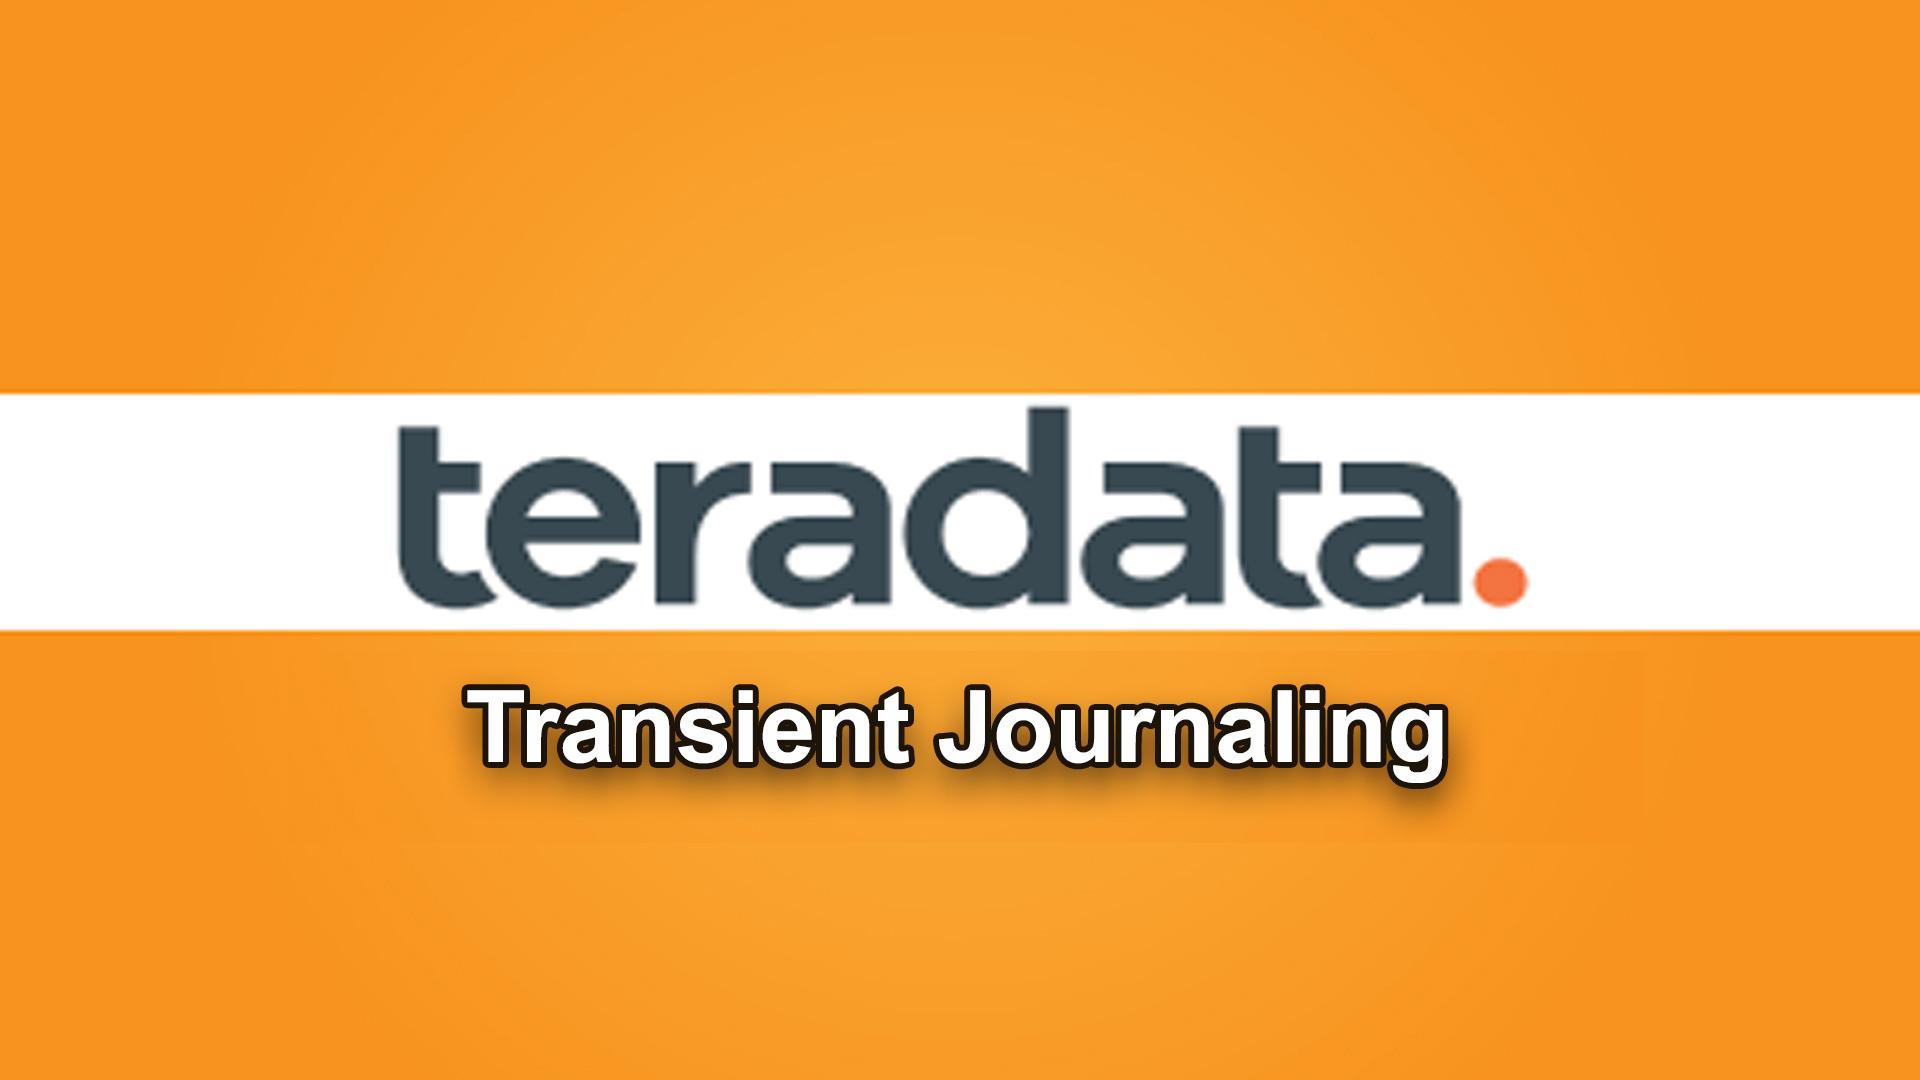 Transient Journaling